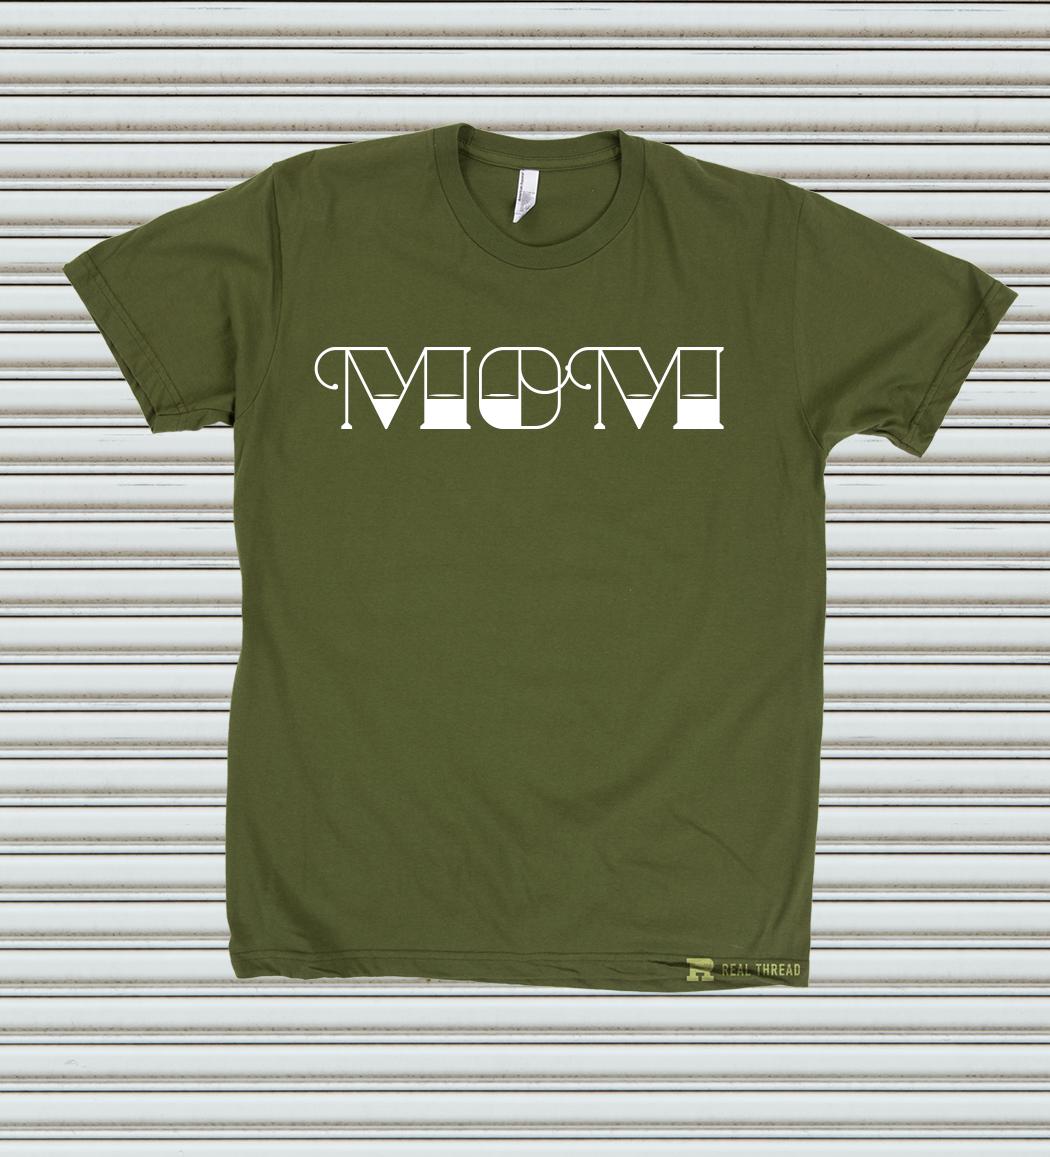 b66b3942f Best Fonts for T-Shirts | 20 Free T-Shirt Font Downloads